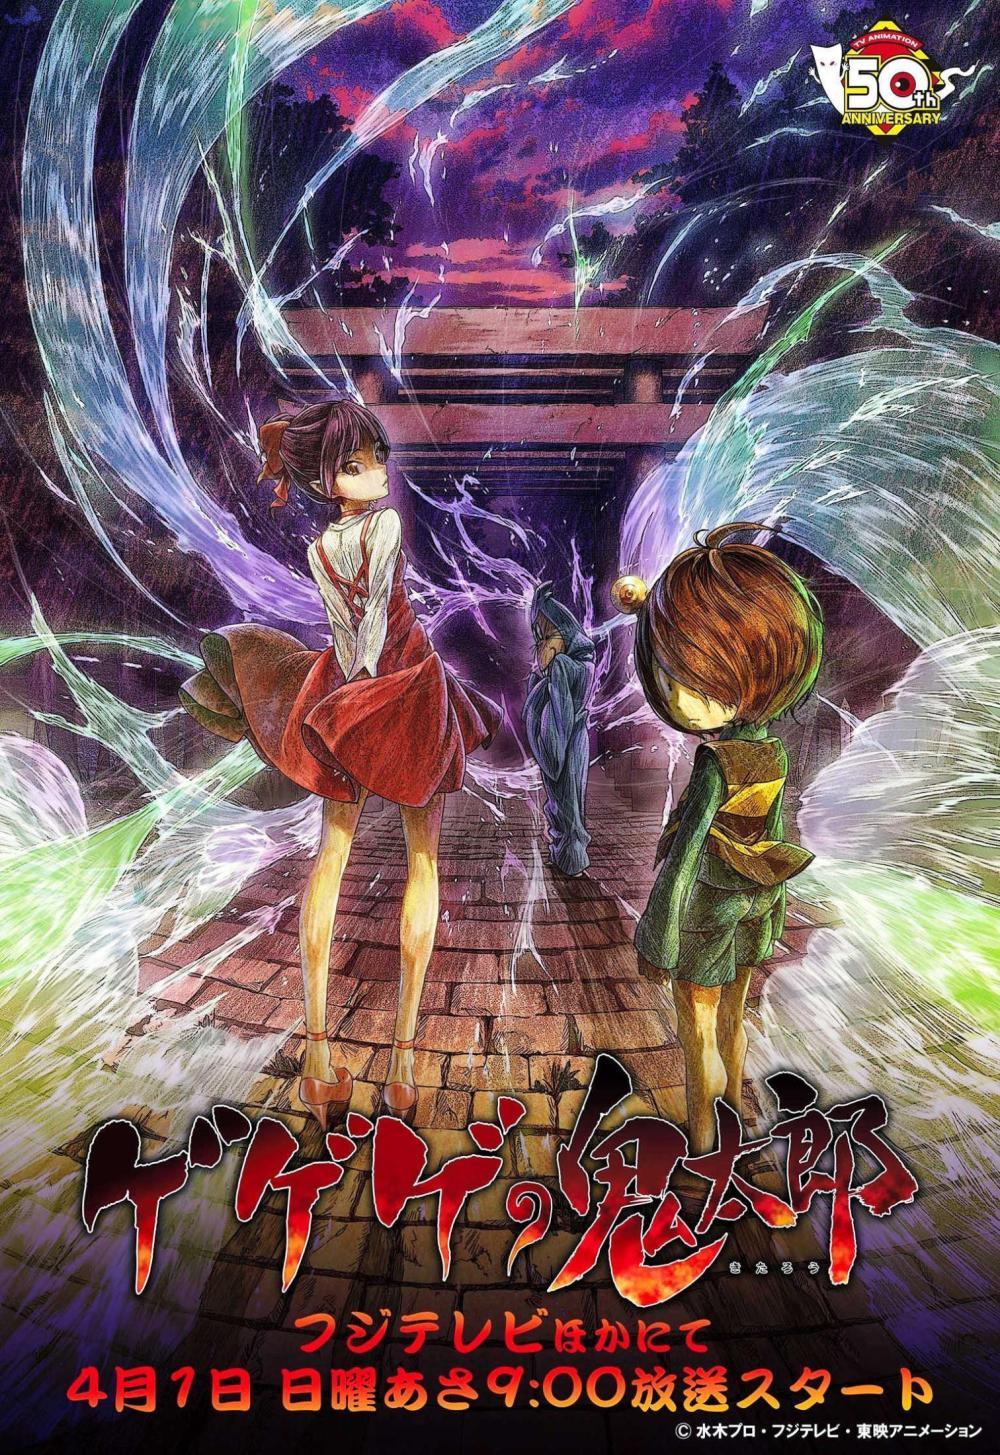 Nuevo anime de Gegege no Kitarou en Abril (trailer) - main visual